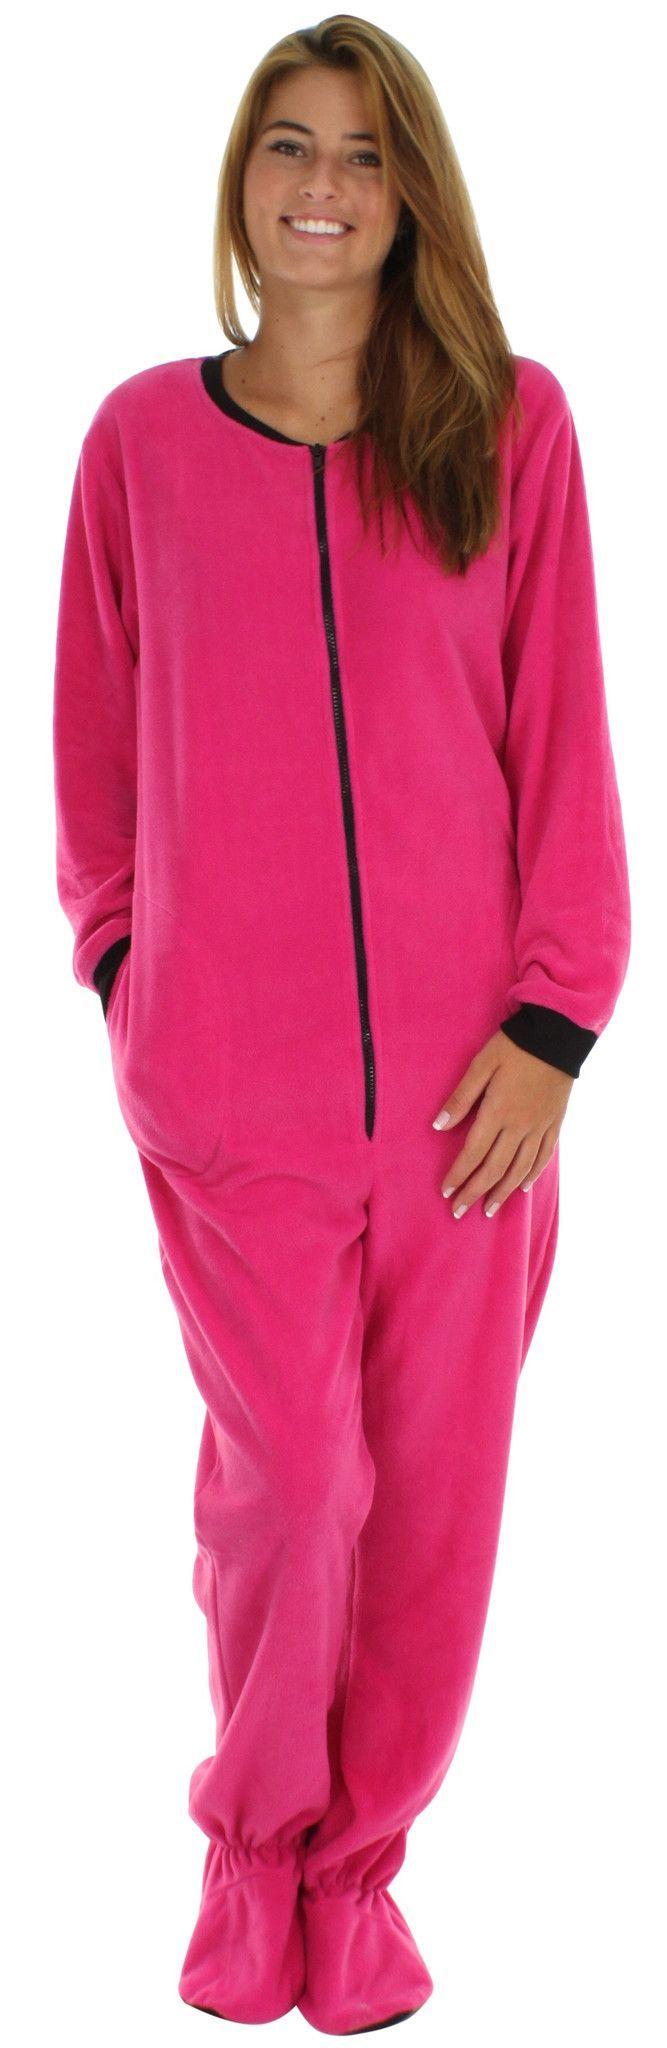 PajamaMania Women's Footed Fleece One Piece Pajamas